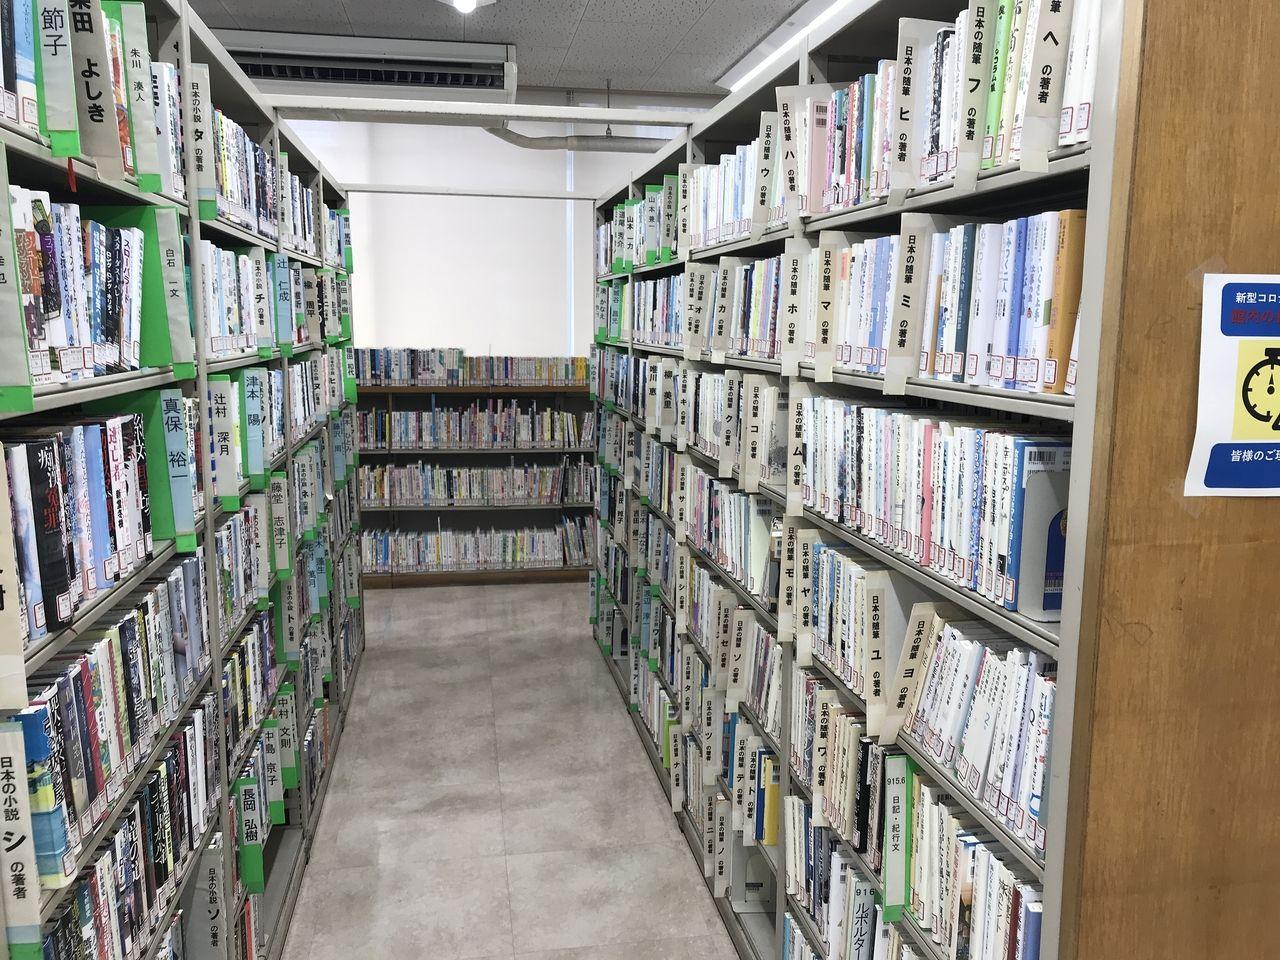 南行徳図書館の小説の棚